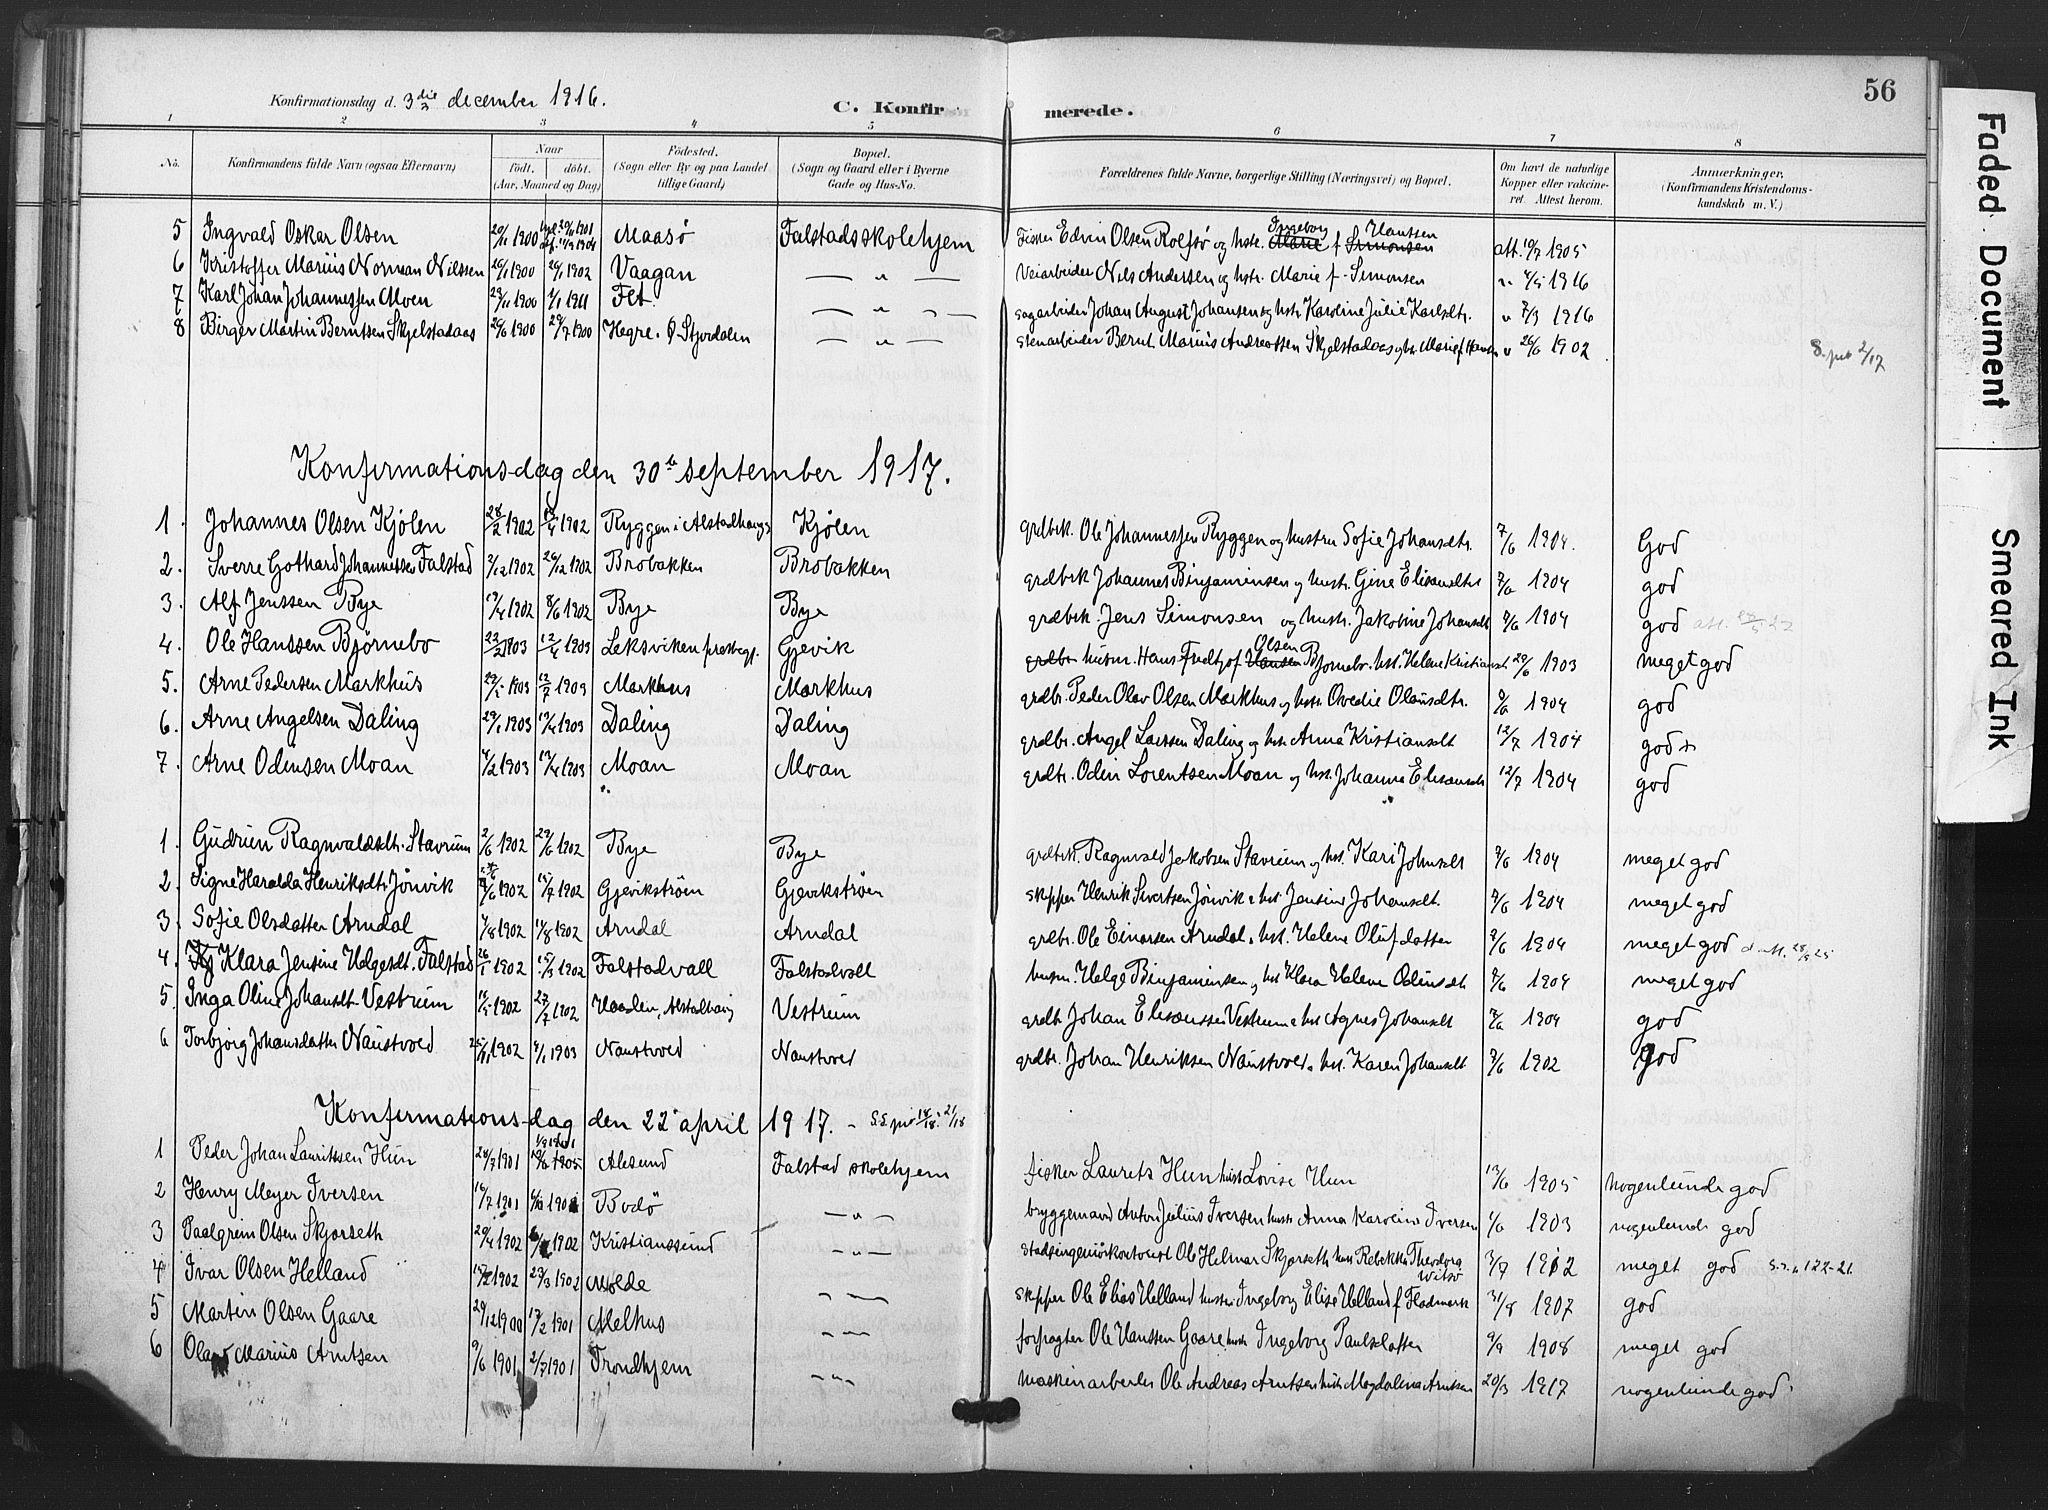 SAT, Ministerialprotokoller, klokkerbøker og fødselsregistre - Nord-Trøndelag, 719/L0179: Ministerialbok nr. 719A02, 1901-1923, s. 56